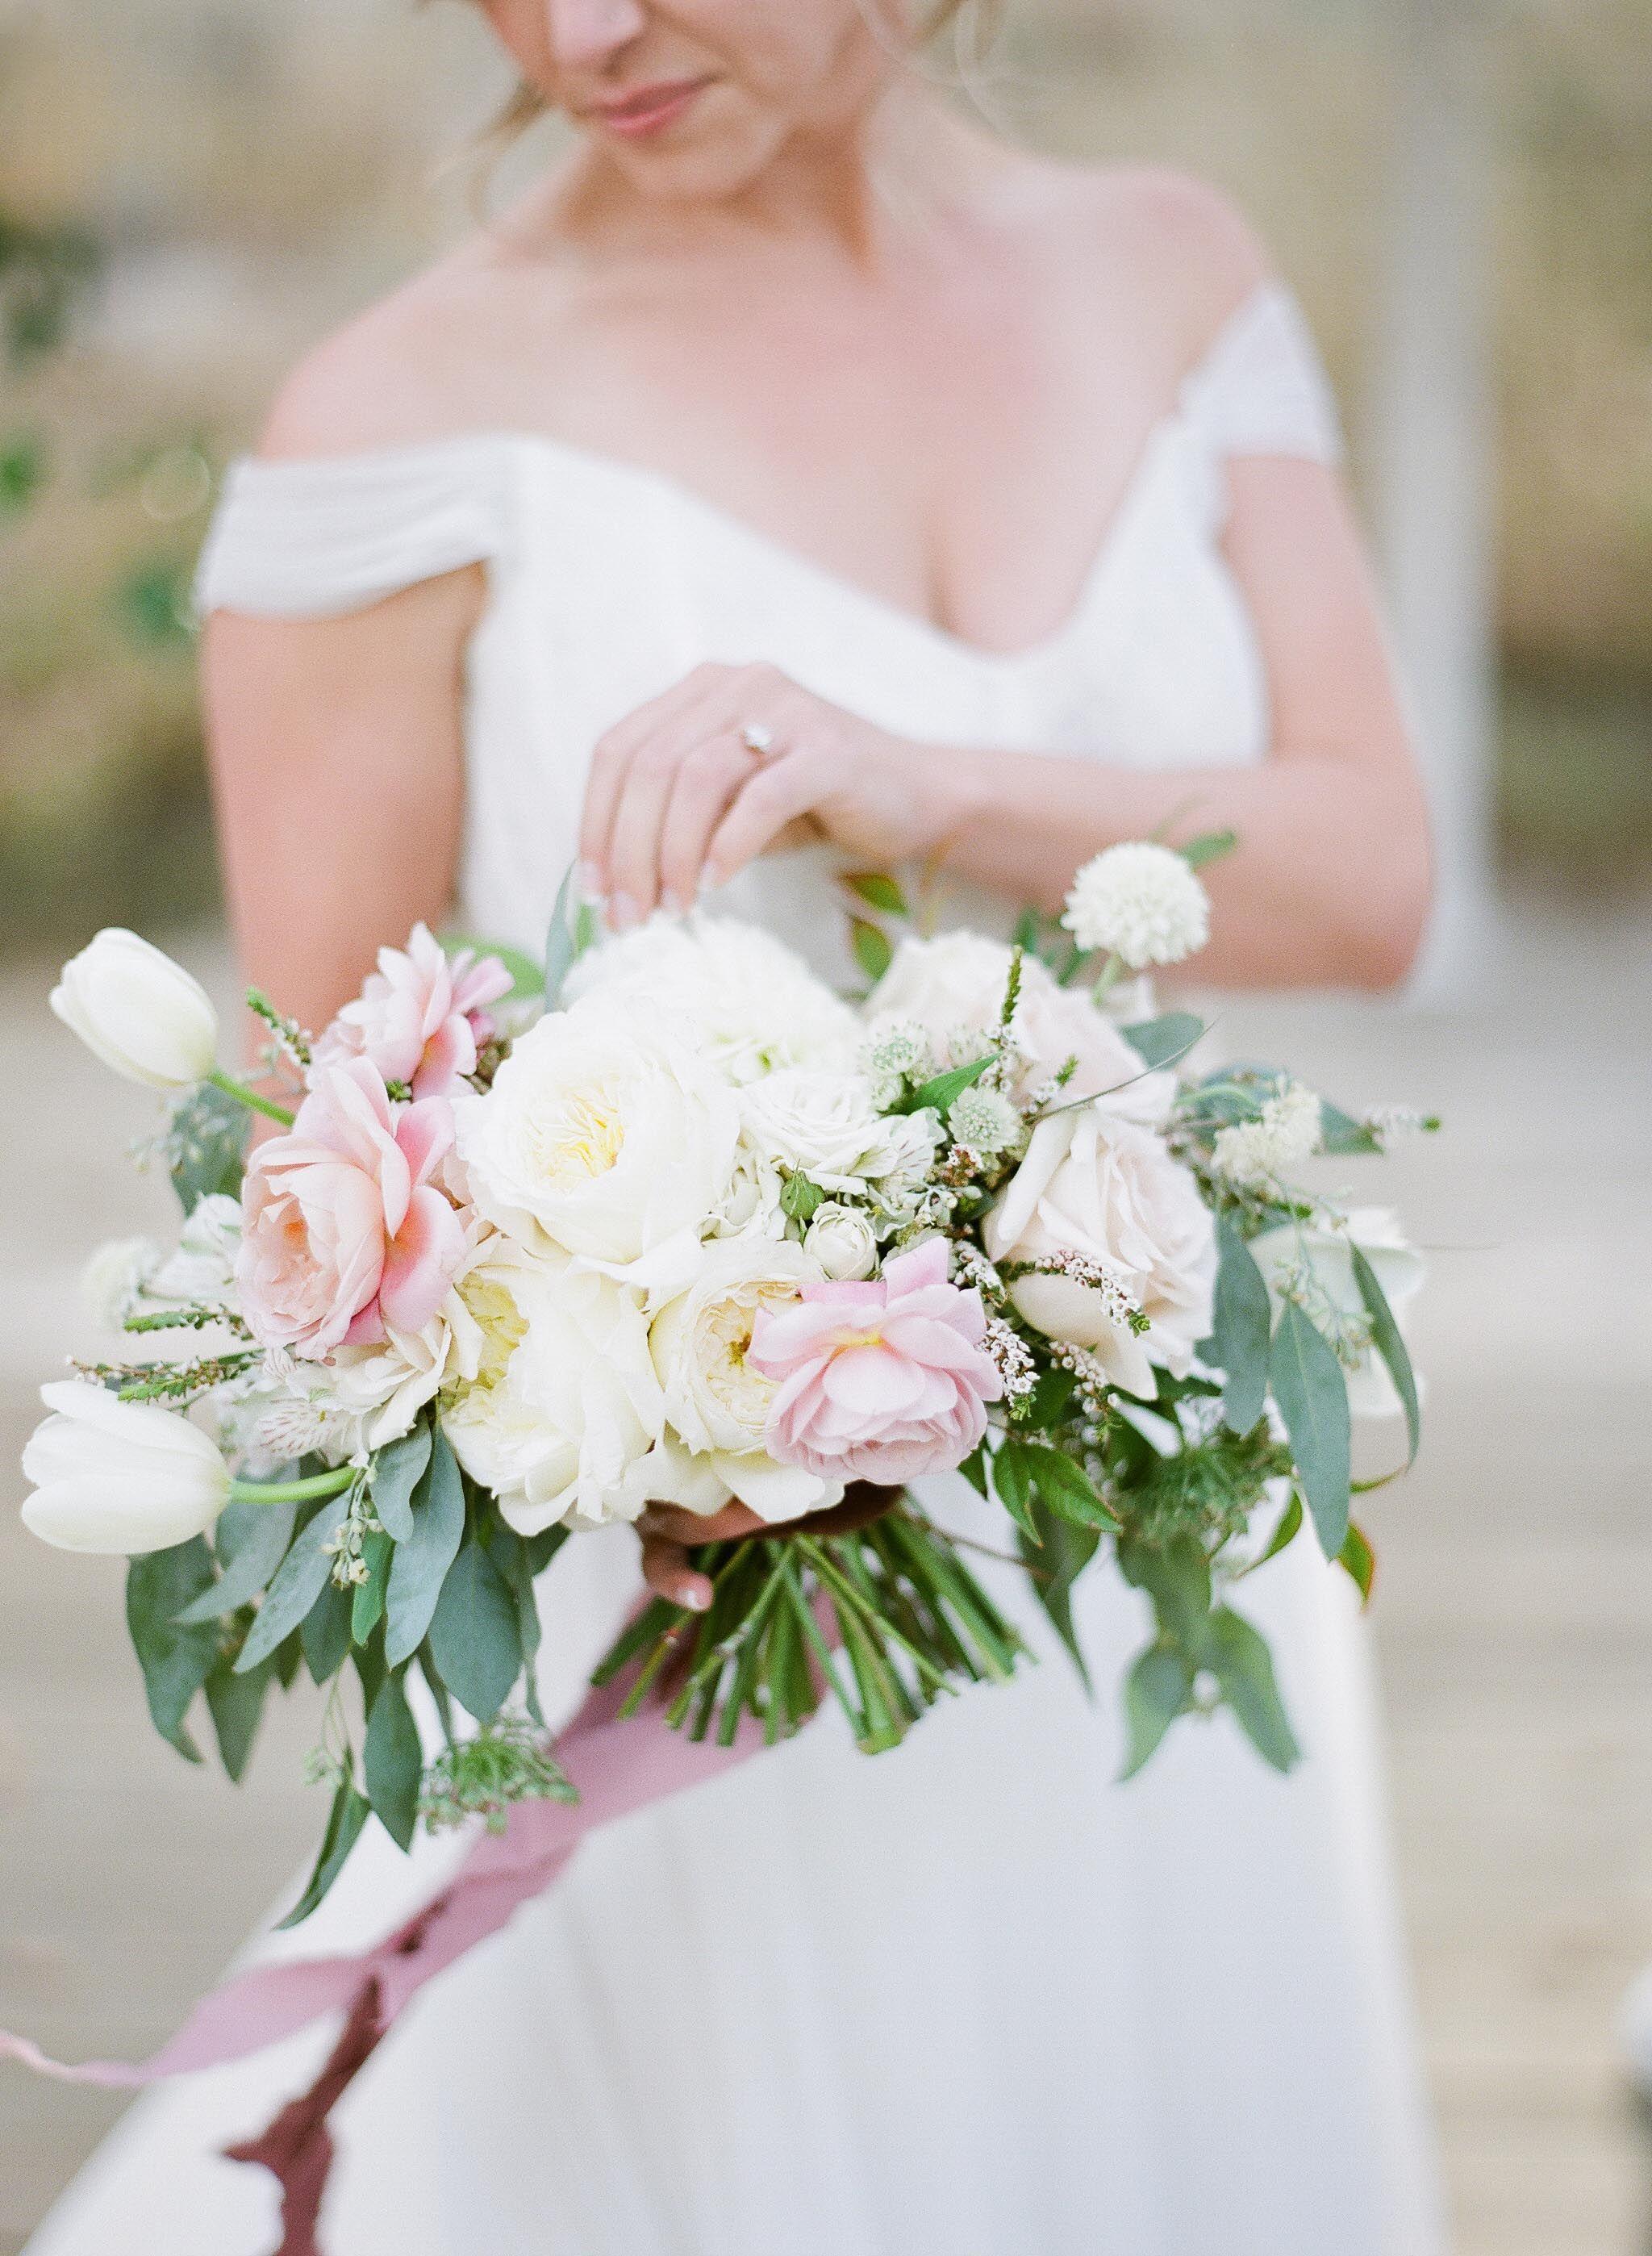 15+ Small wedding venues colorado springs ideas